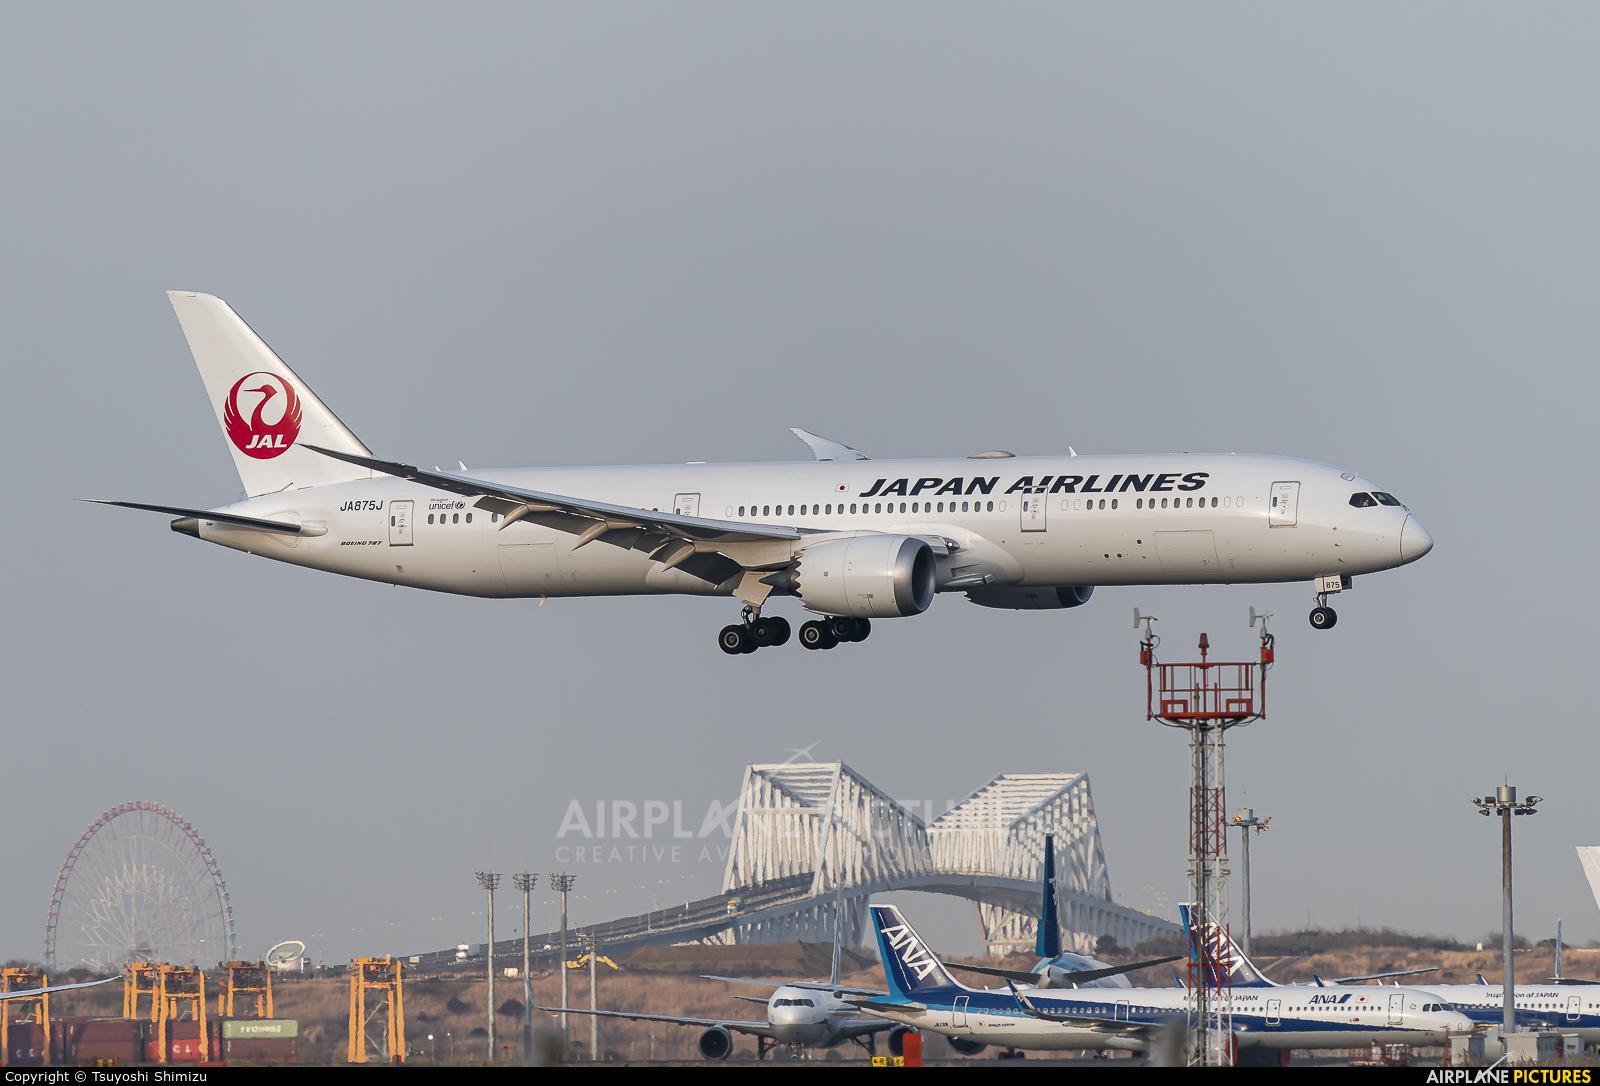 JAL - Japan Airlines JA875J aircraft at Tokyo - Haneda Intl